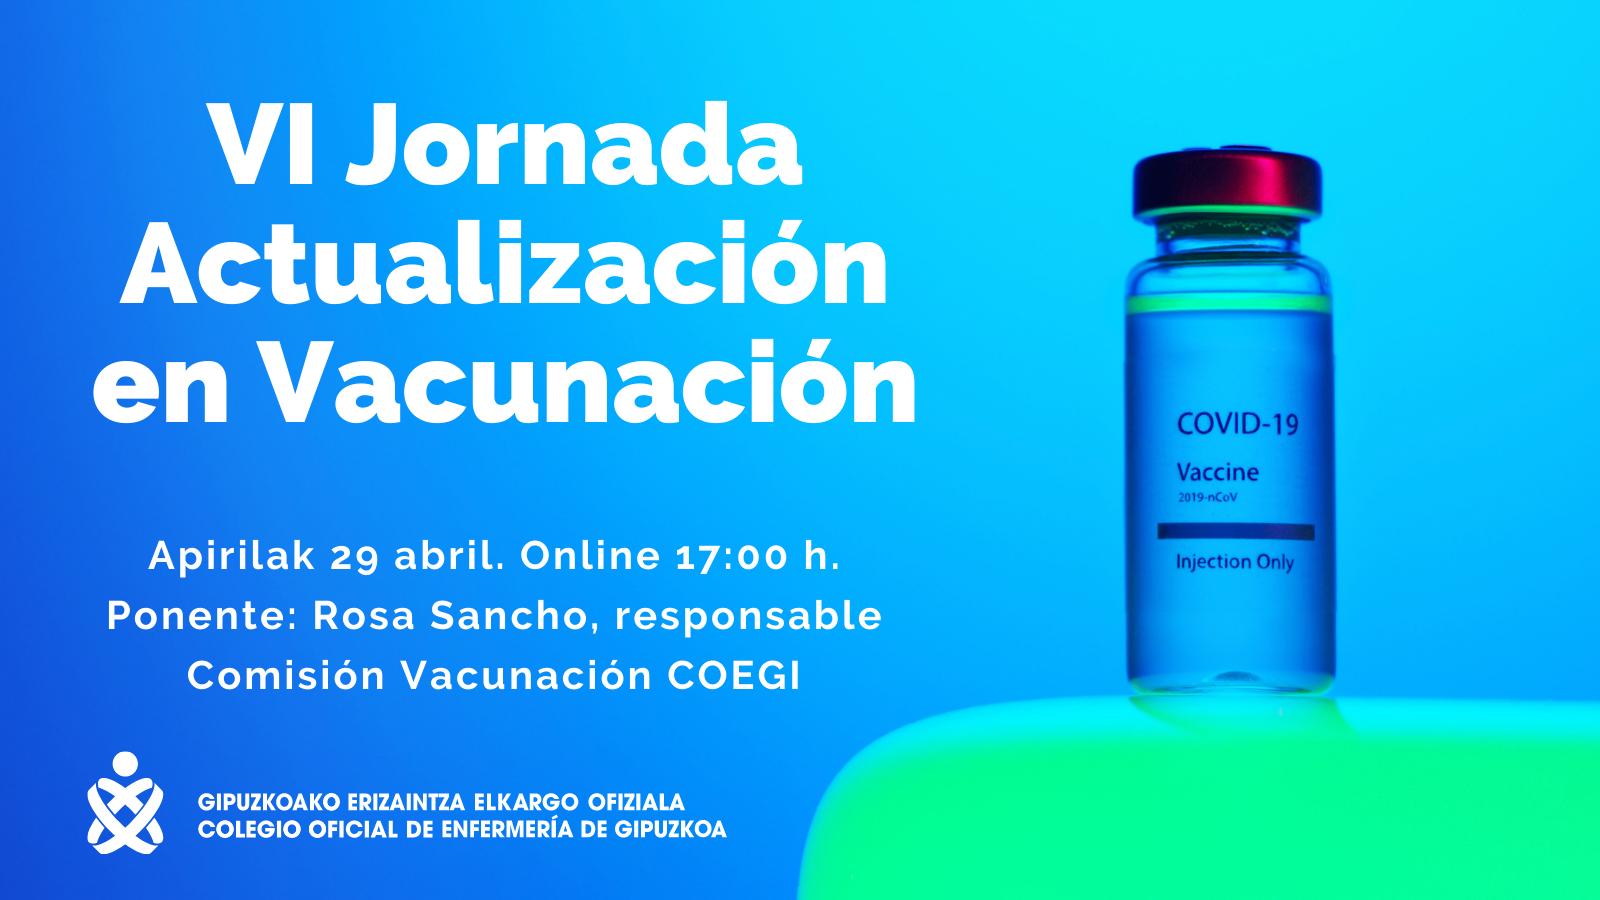 Foto de La VI Jornada de Actualización en Vacunación del COEGI